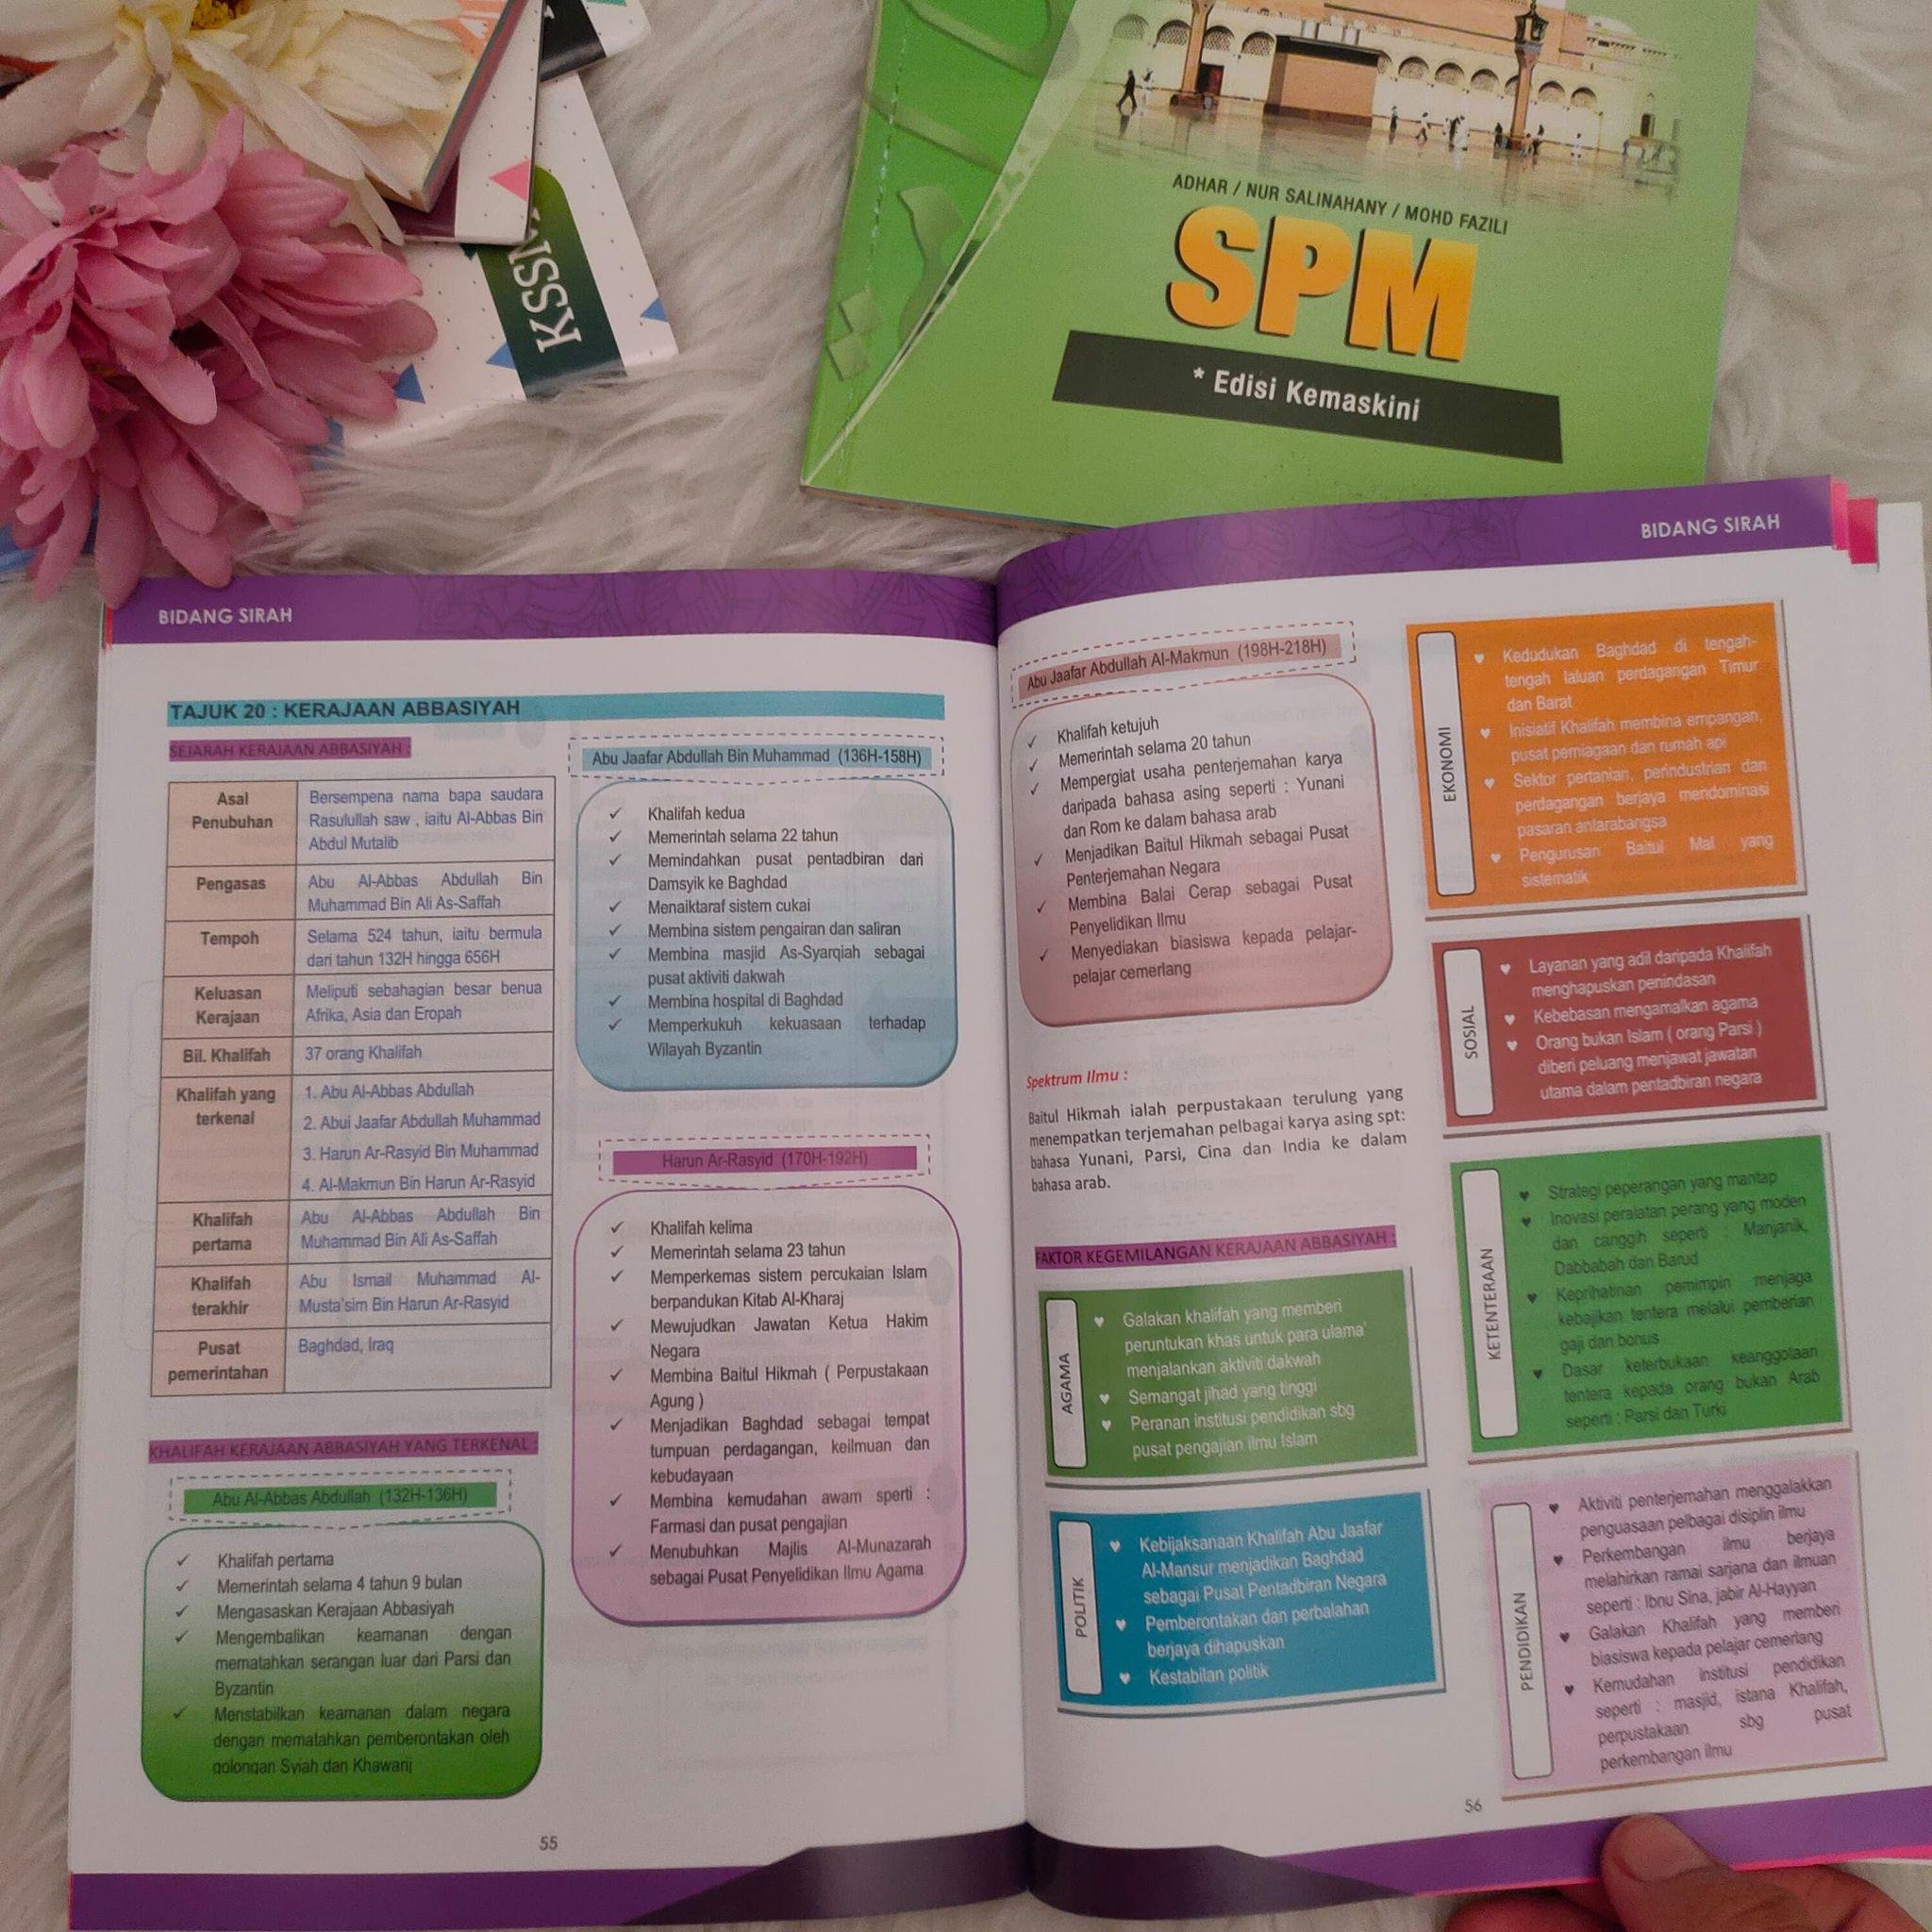 Di antara buku karya michel. Buku Rujukan Pendidikan Islam Yang Padat Dan Warna Warni Buat Anak Sekolah Menengah Enchanted Life Begins